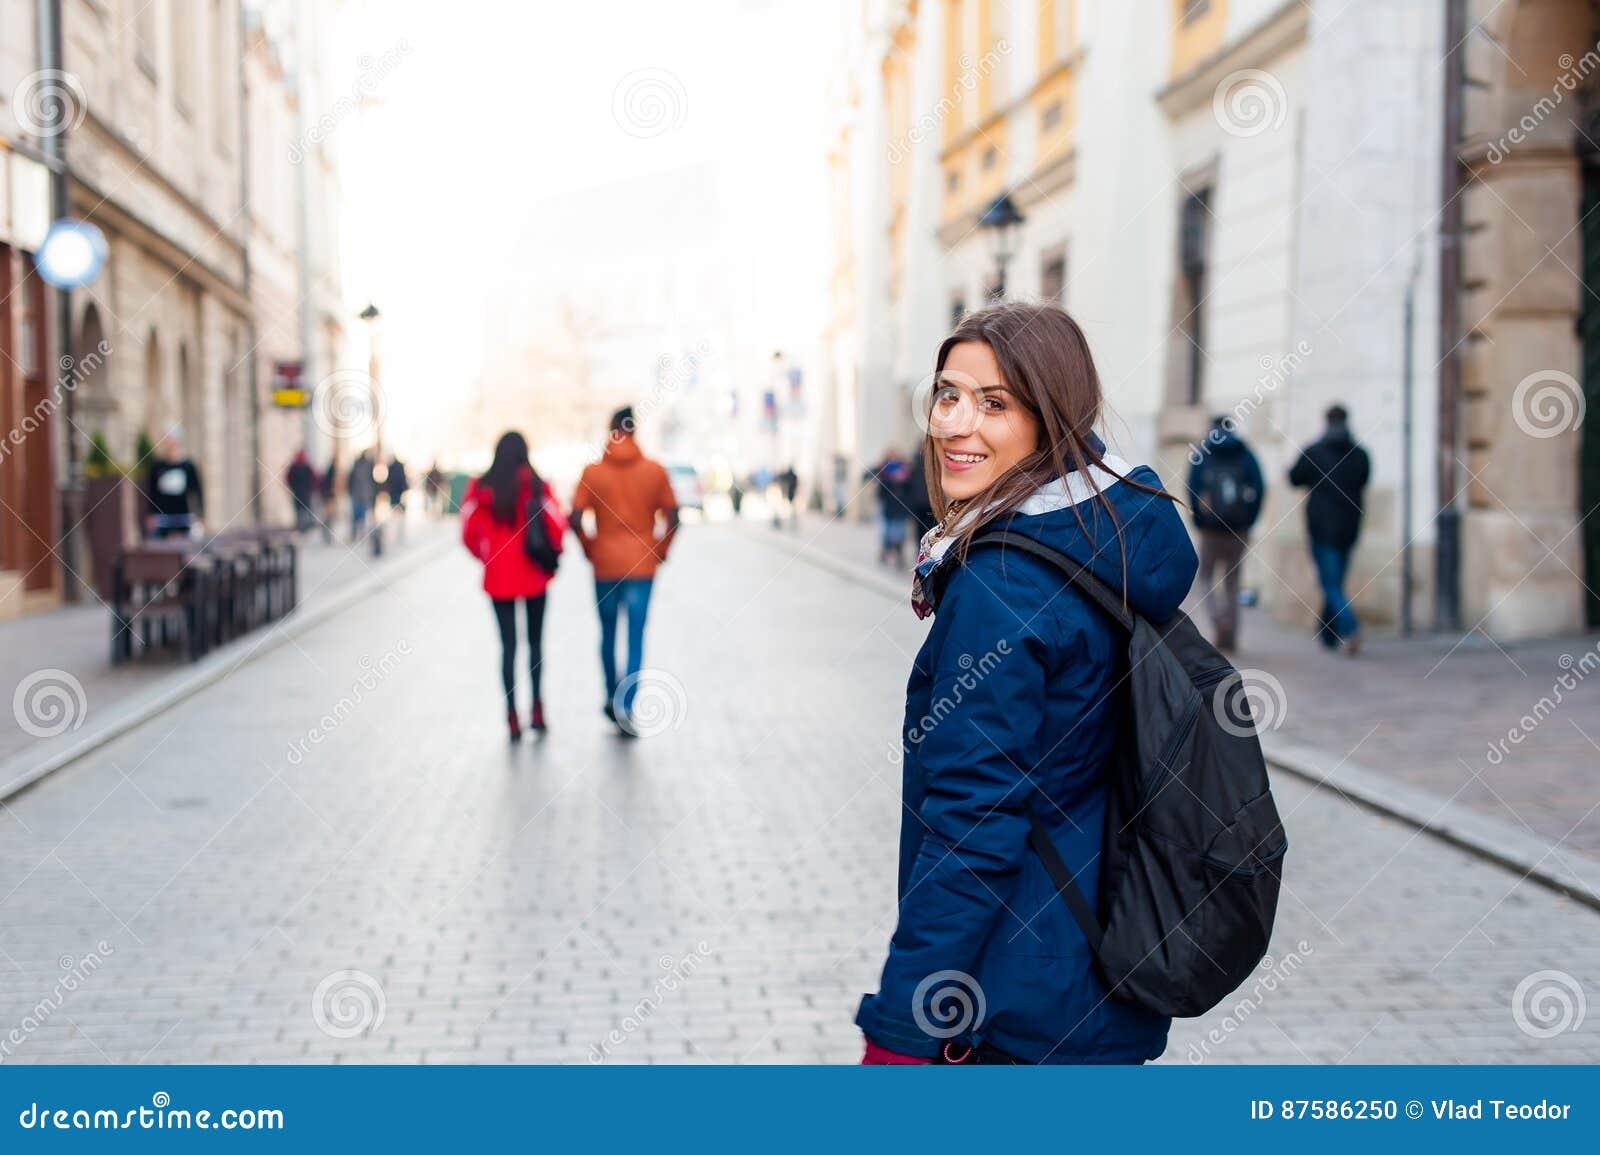 картинки девушка с рюкзаком